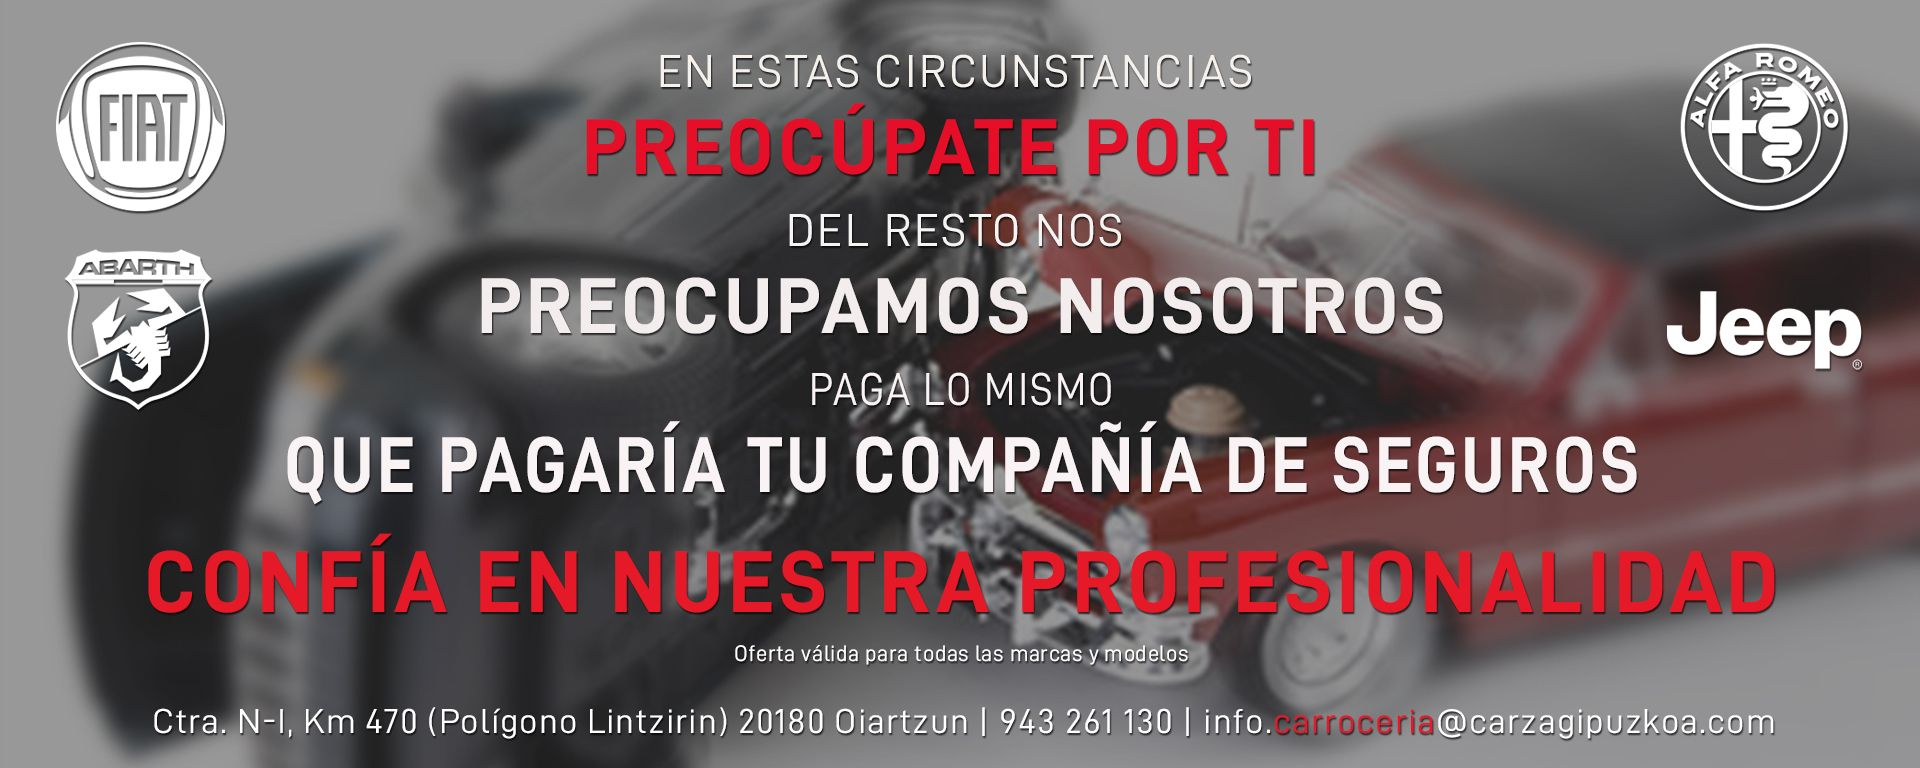 GRANDES DESCUENTOS EN TU CARROCERÍA OFICIAL GRUPO FCA